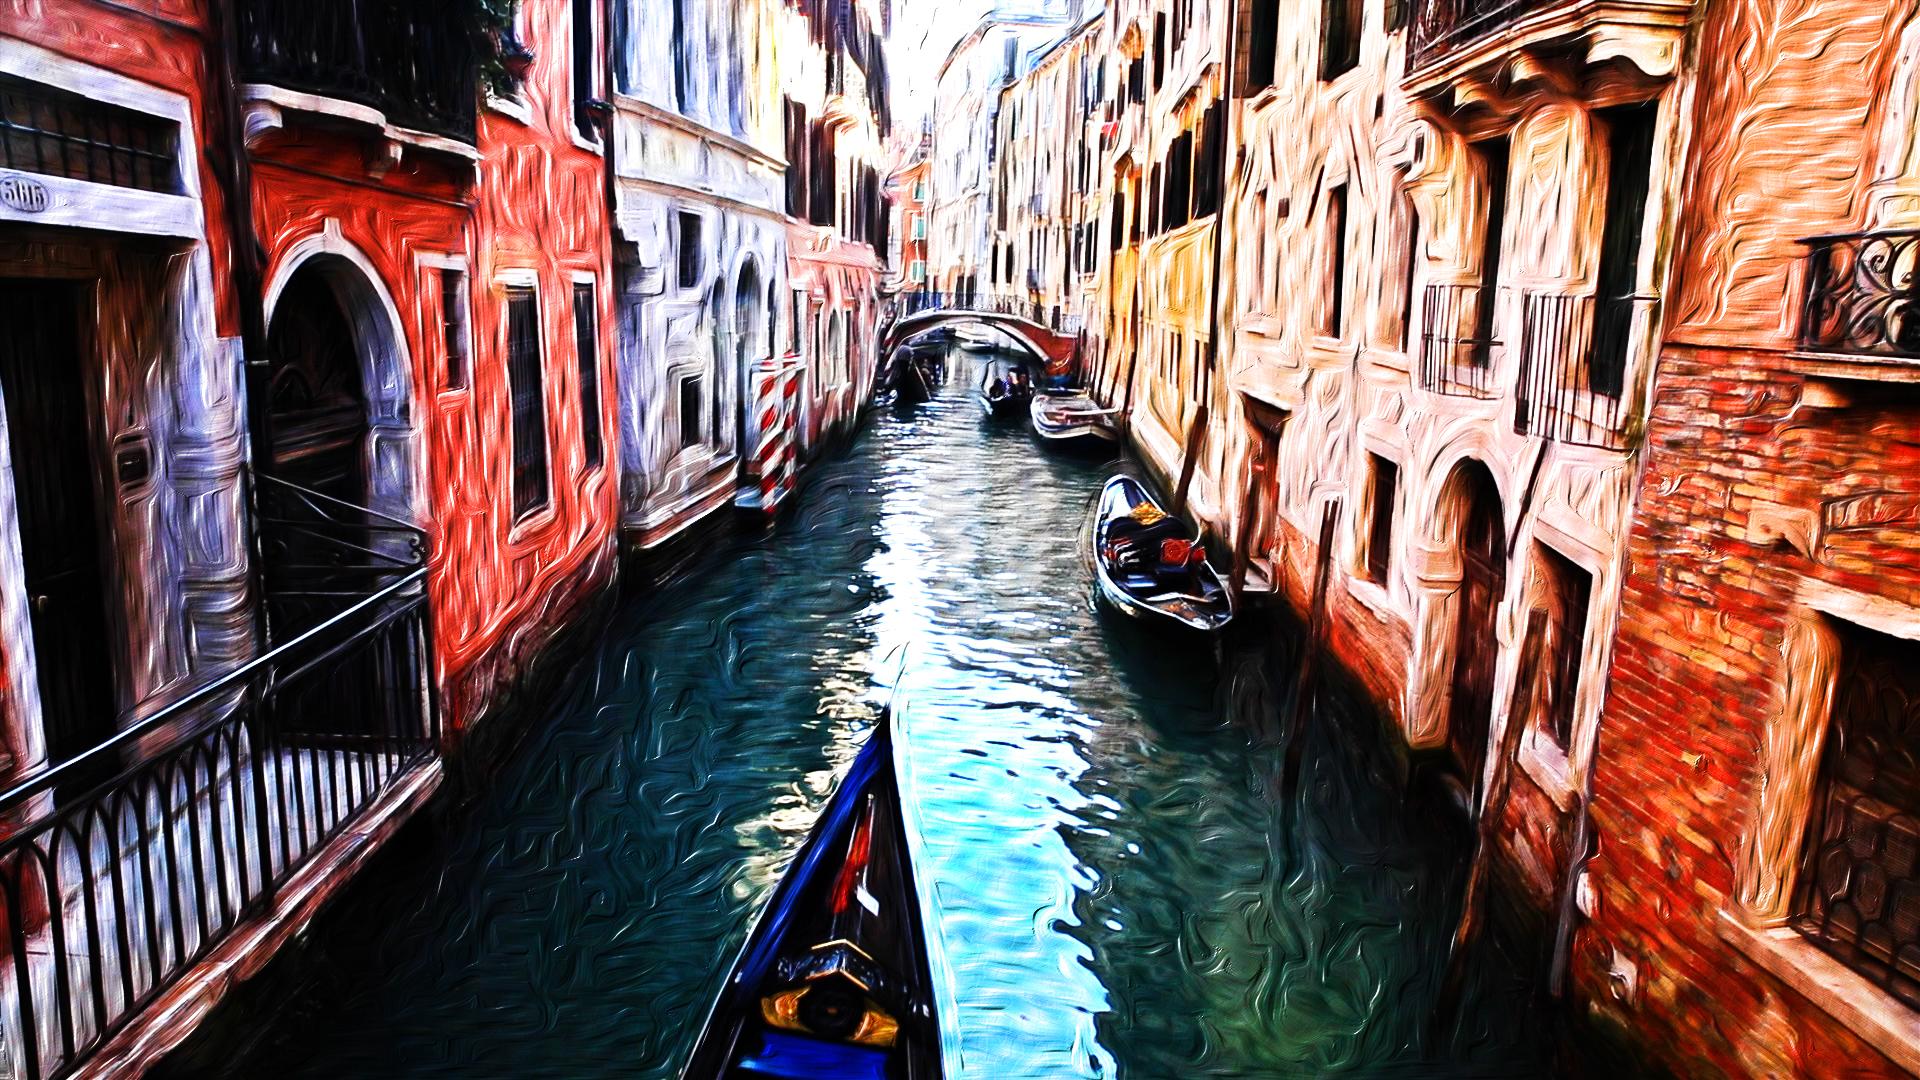 Unforgettable Venice articcio